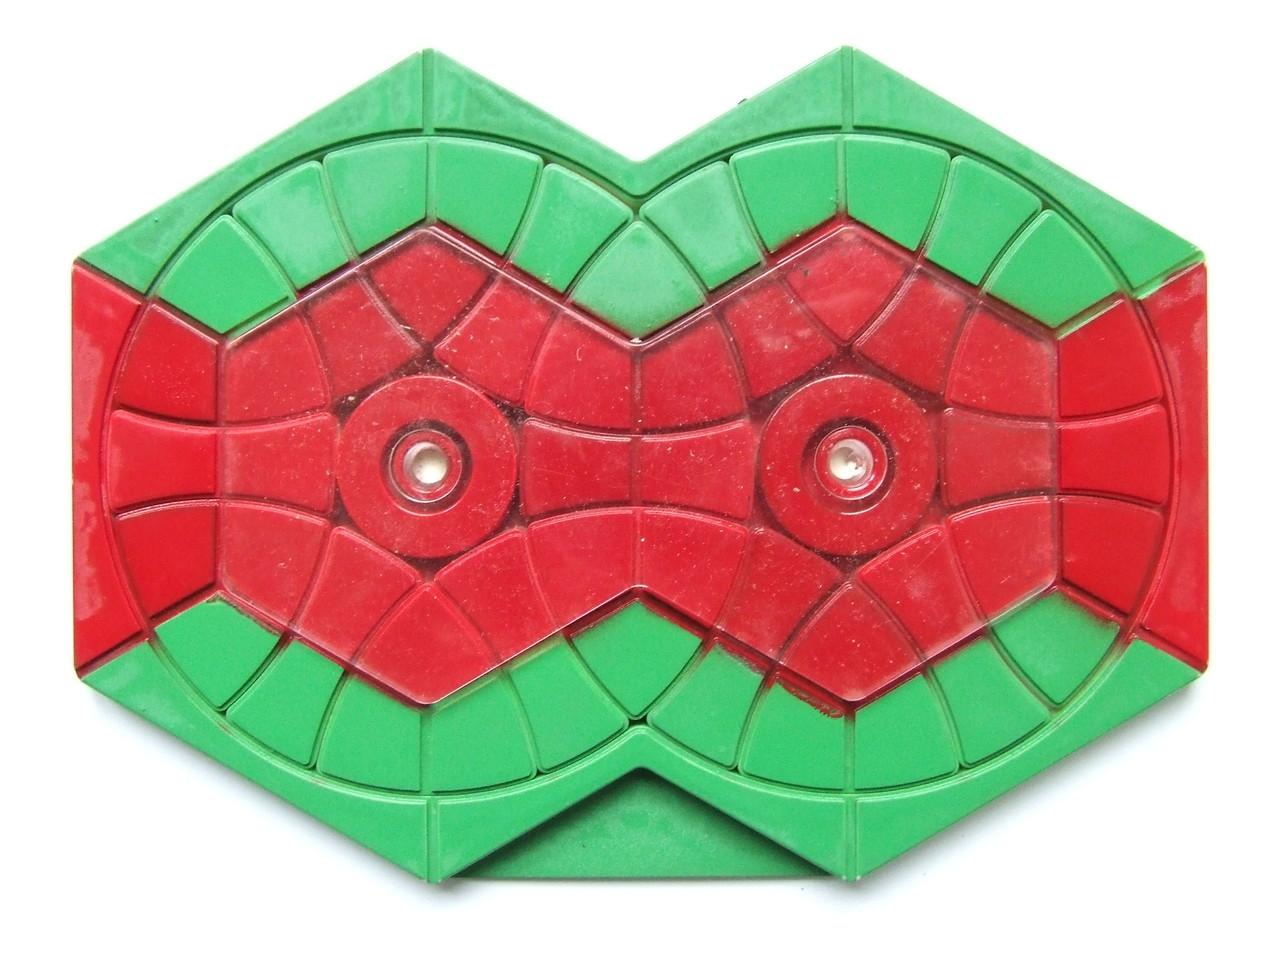 Prototype Streaker puzzle